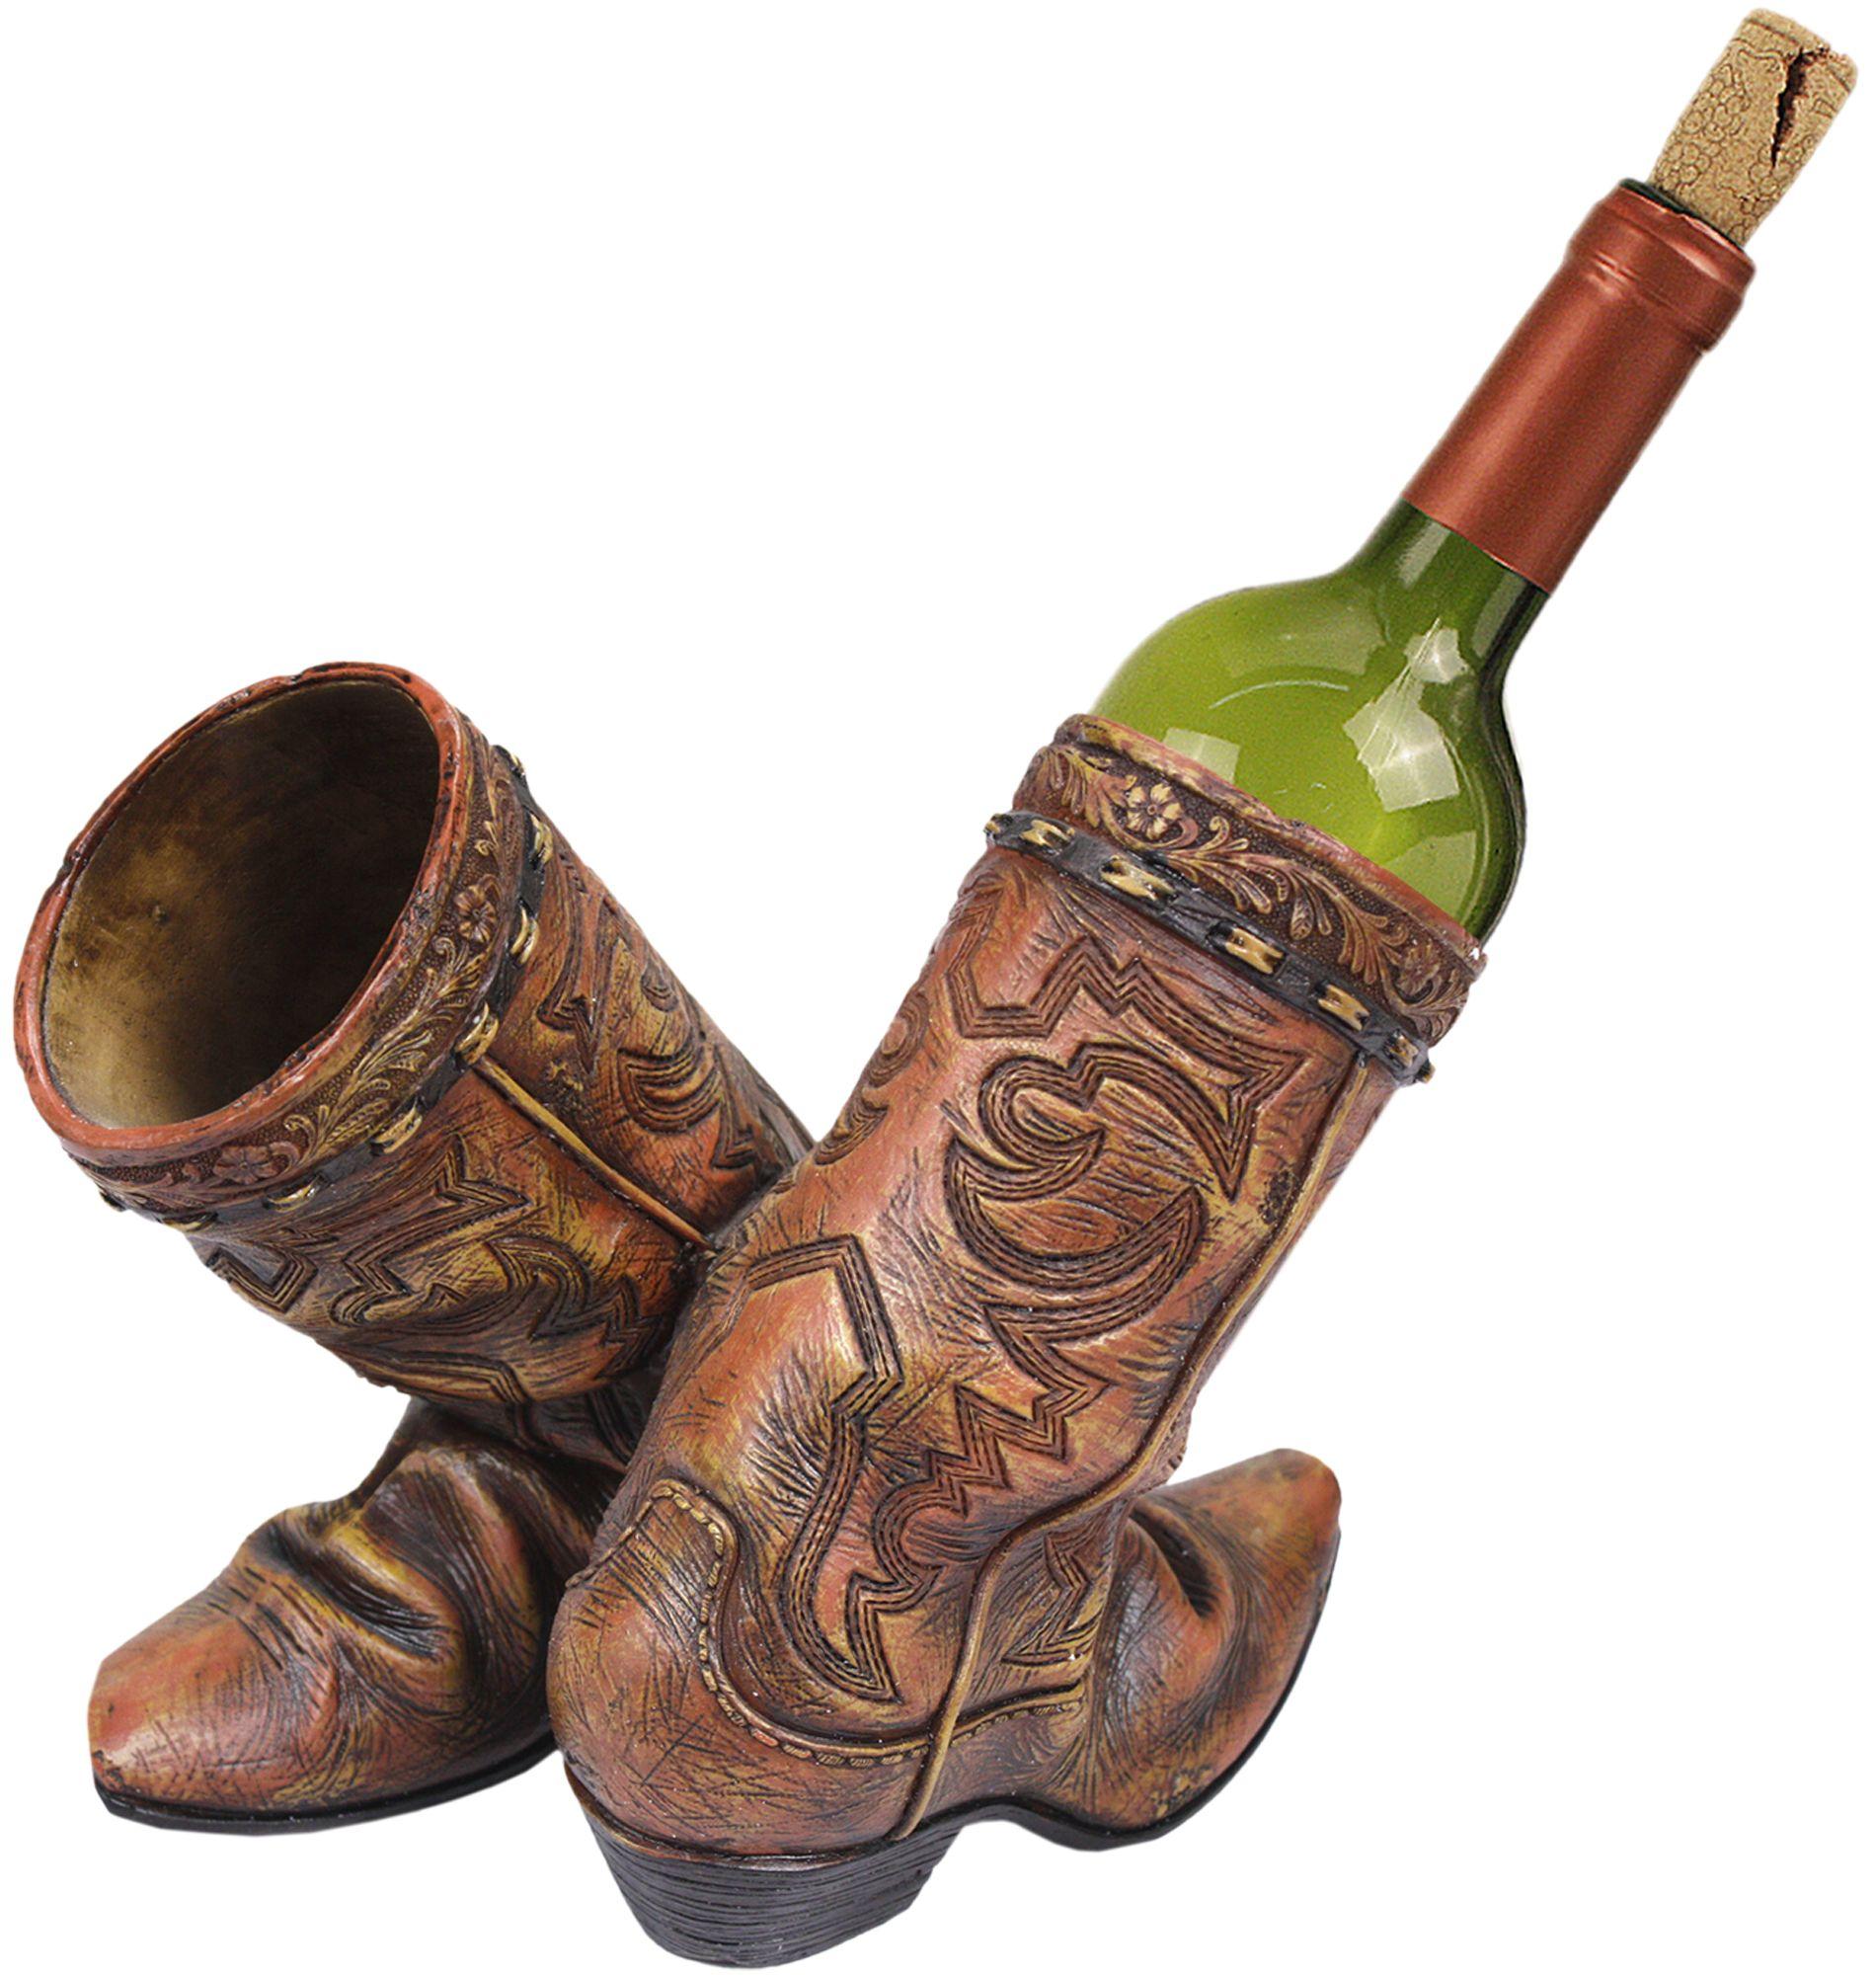 Porta vinho Country Importado Para Duas Garrafas Bota Rústica Porta vinho  para duas garrafas. Produto 650168497bd